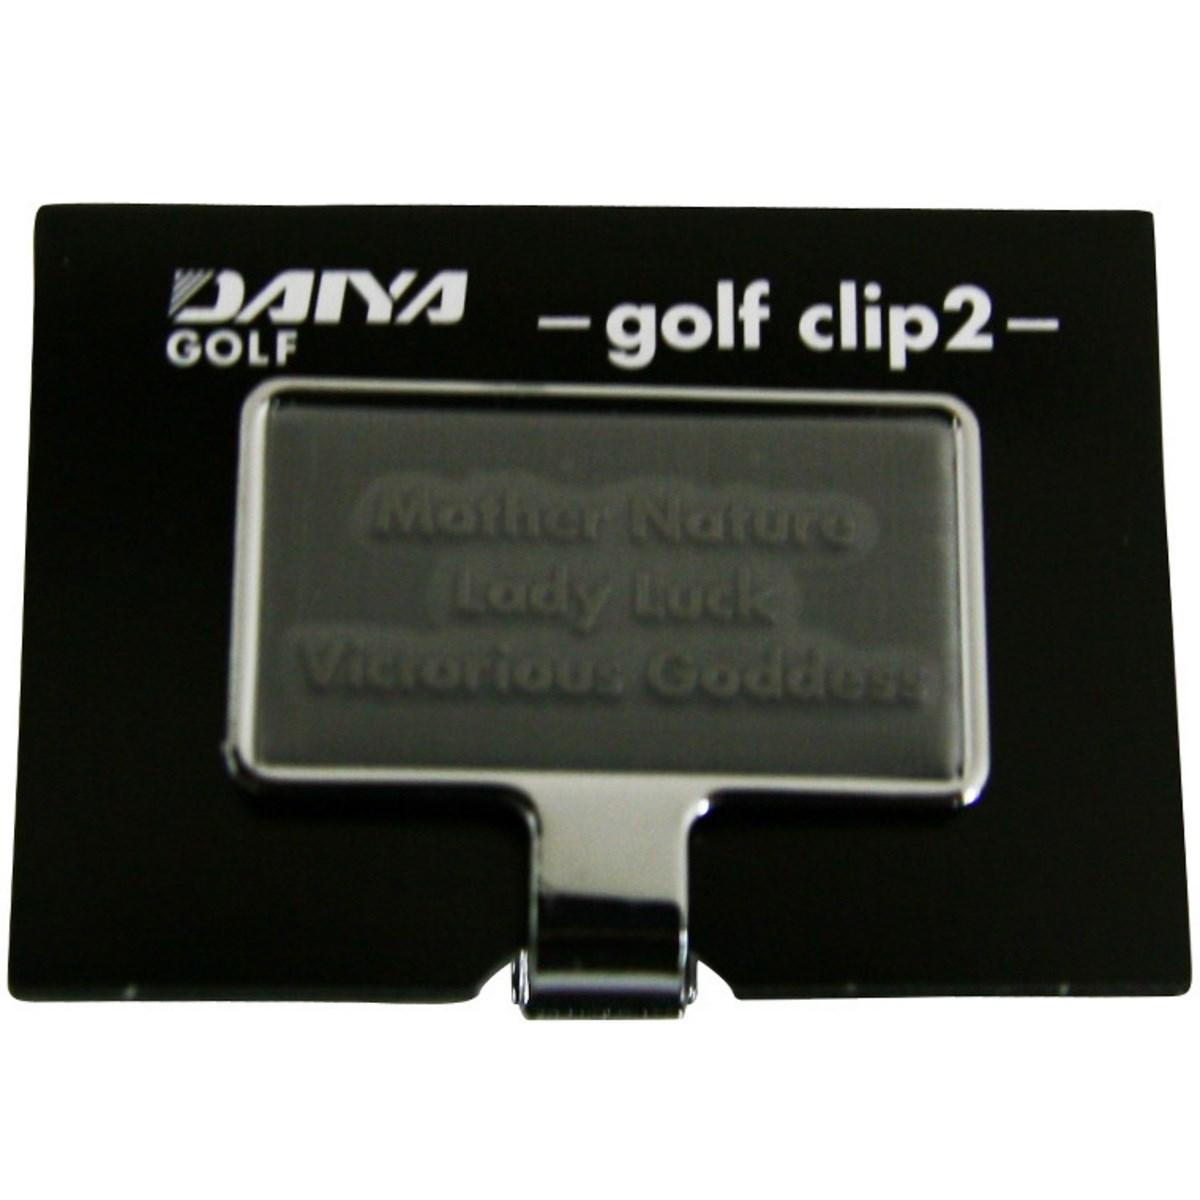 ダイヤゴルフ ゴルフクリップ 2P AS-444